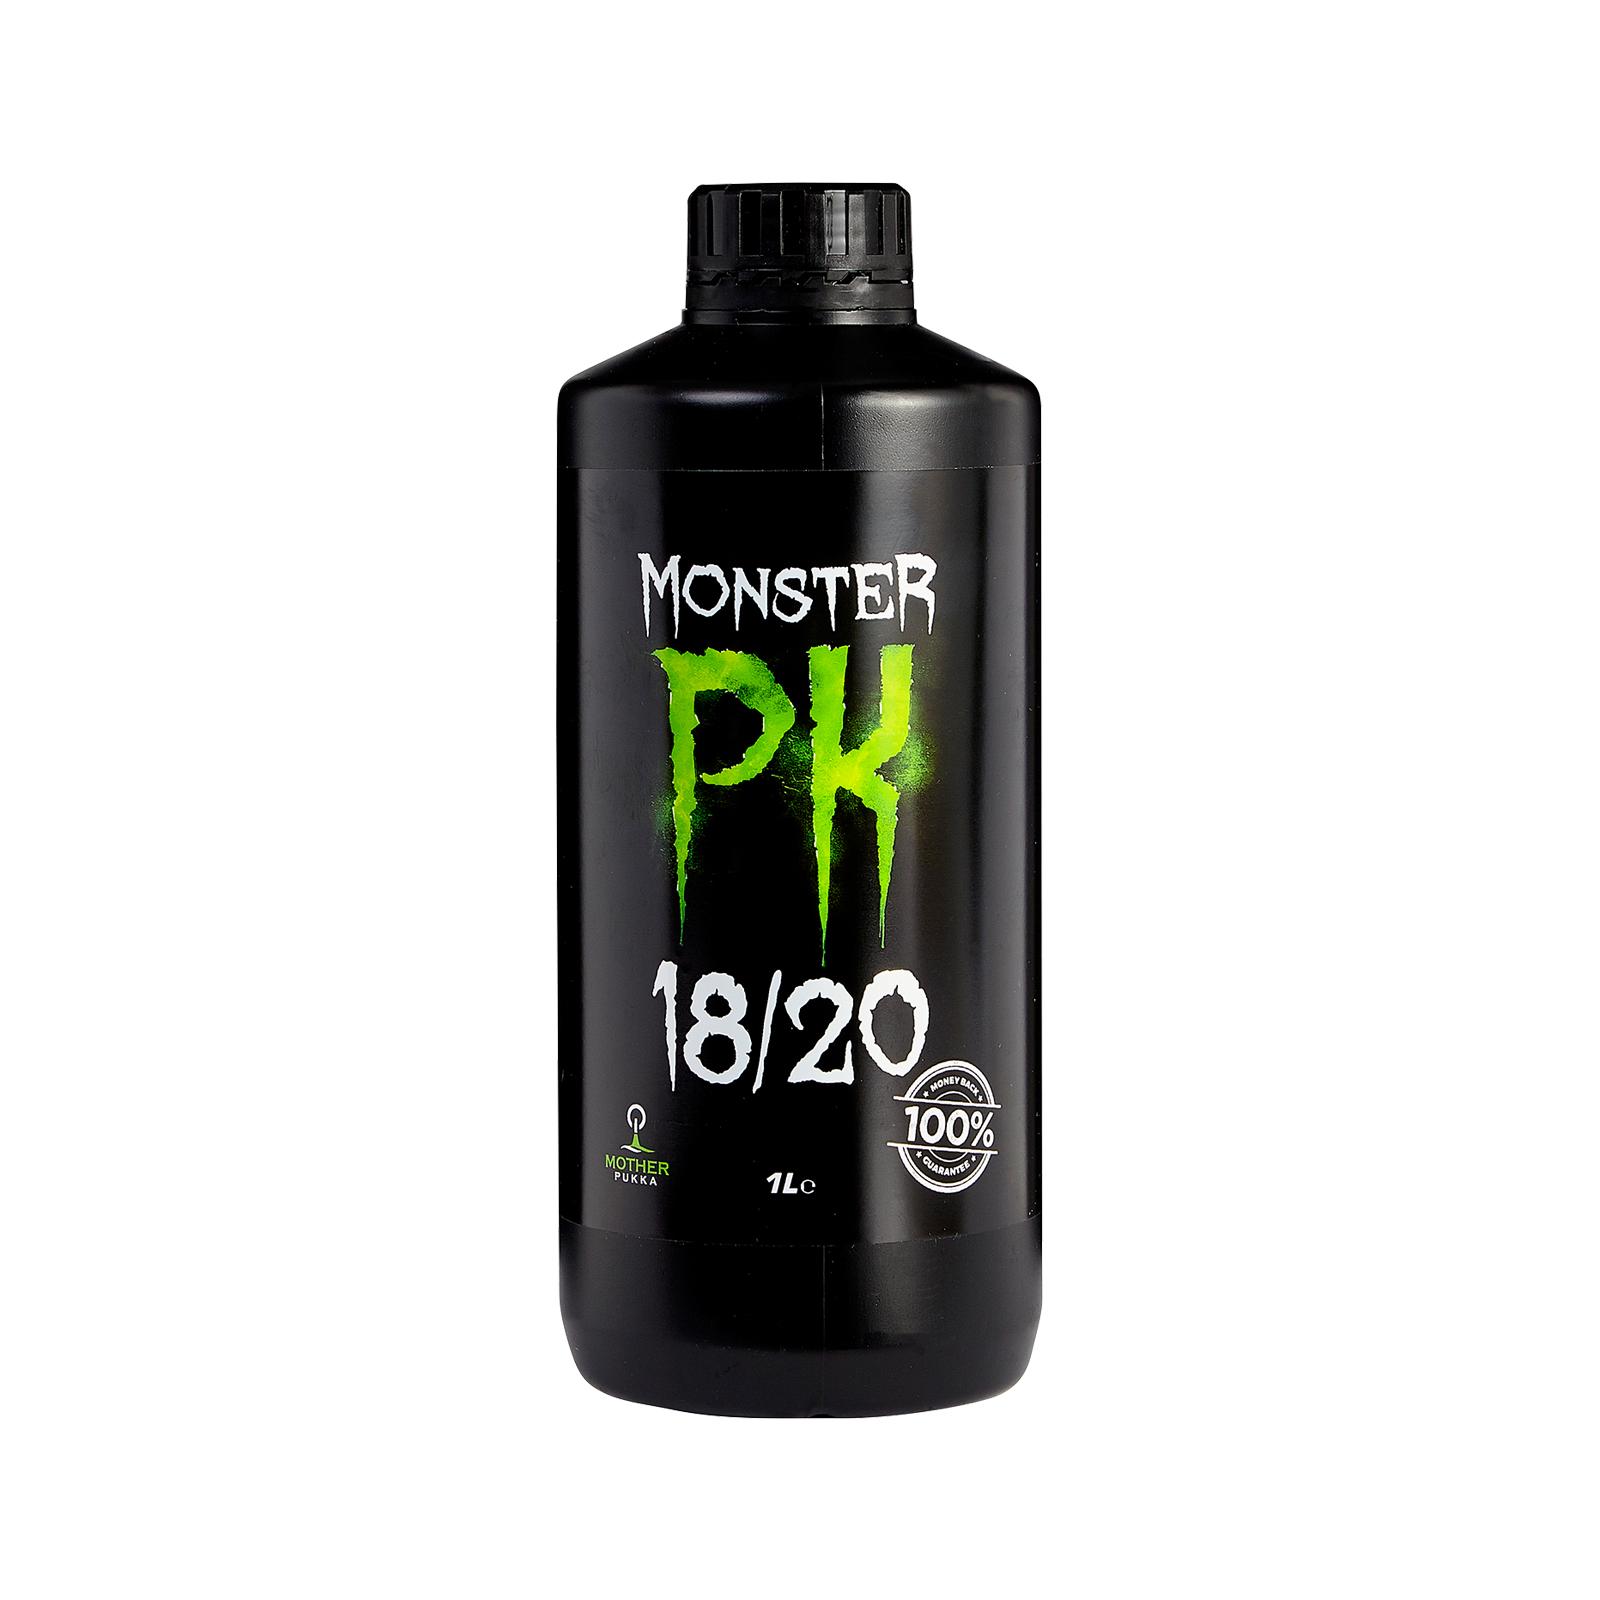 Mother Pukka Monster PK 18/20